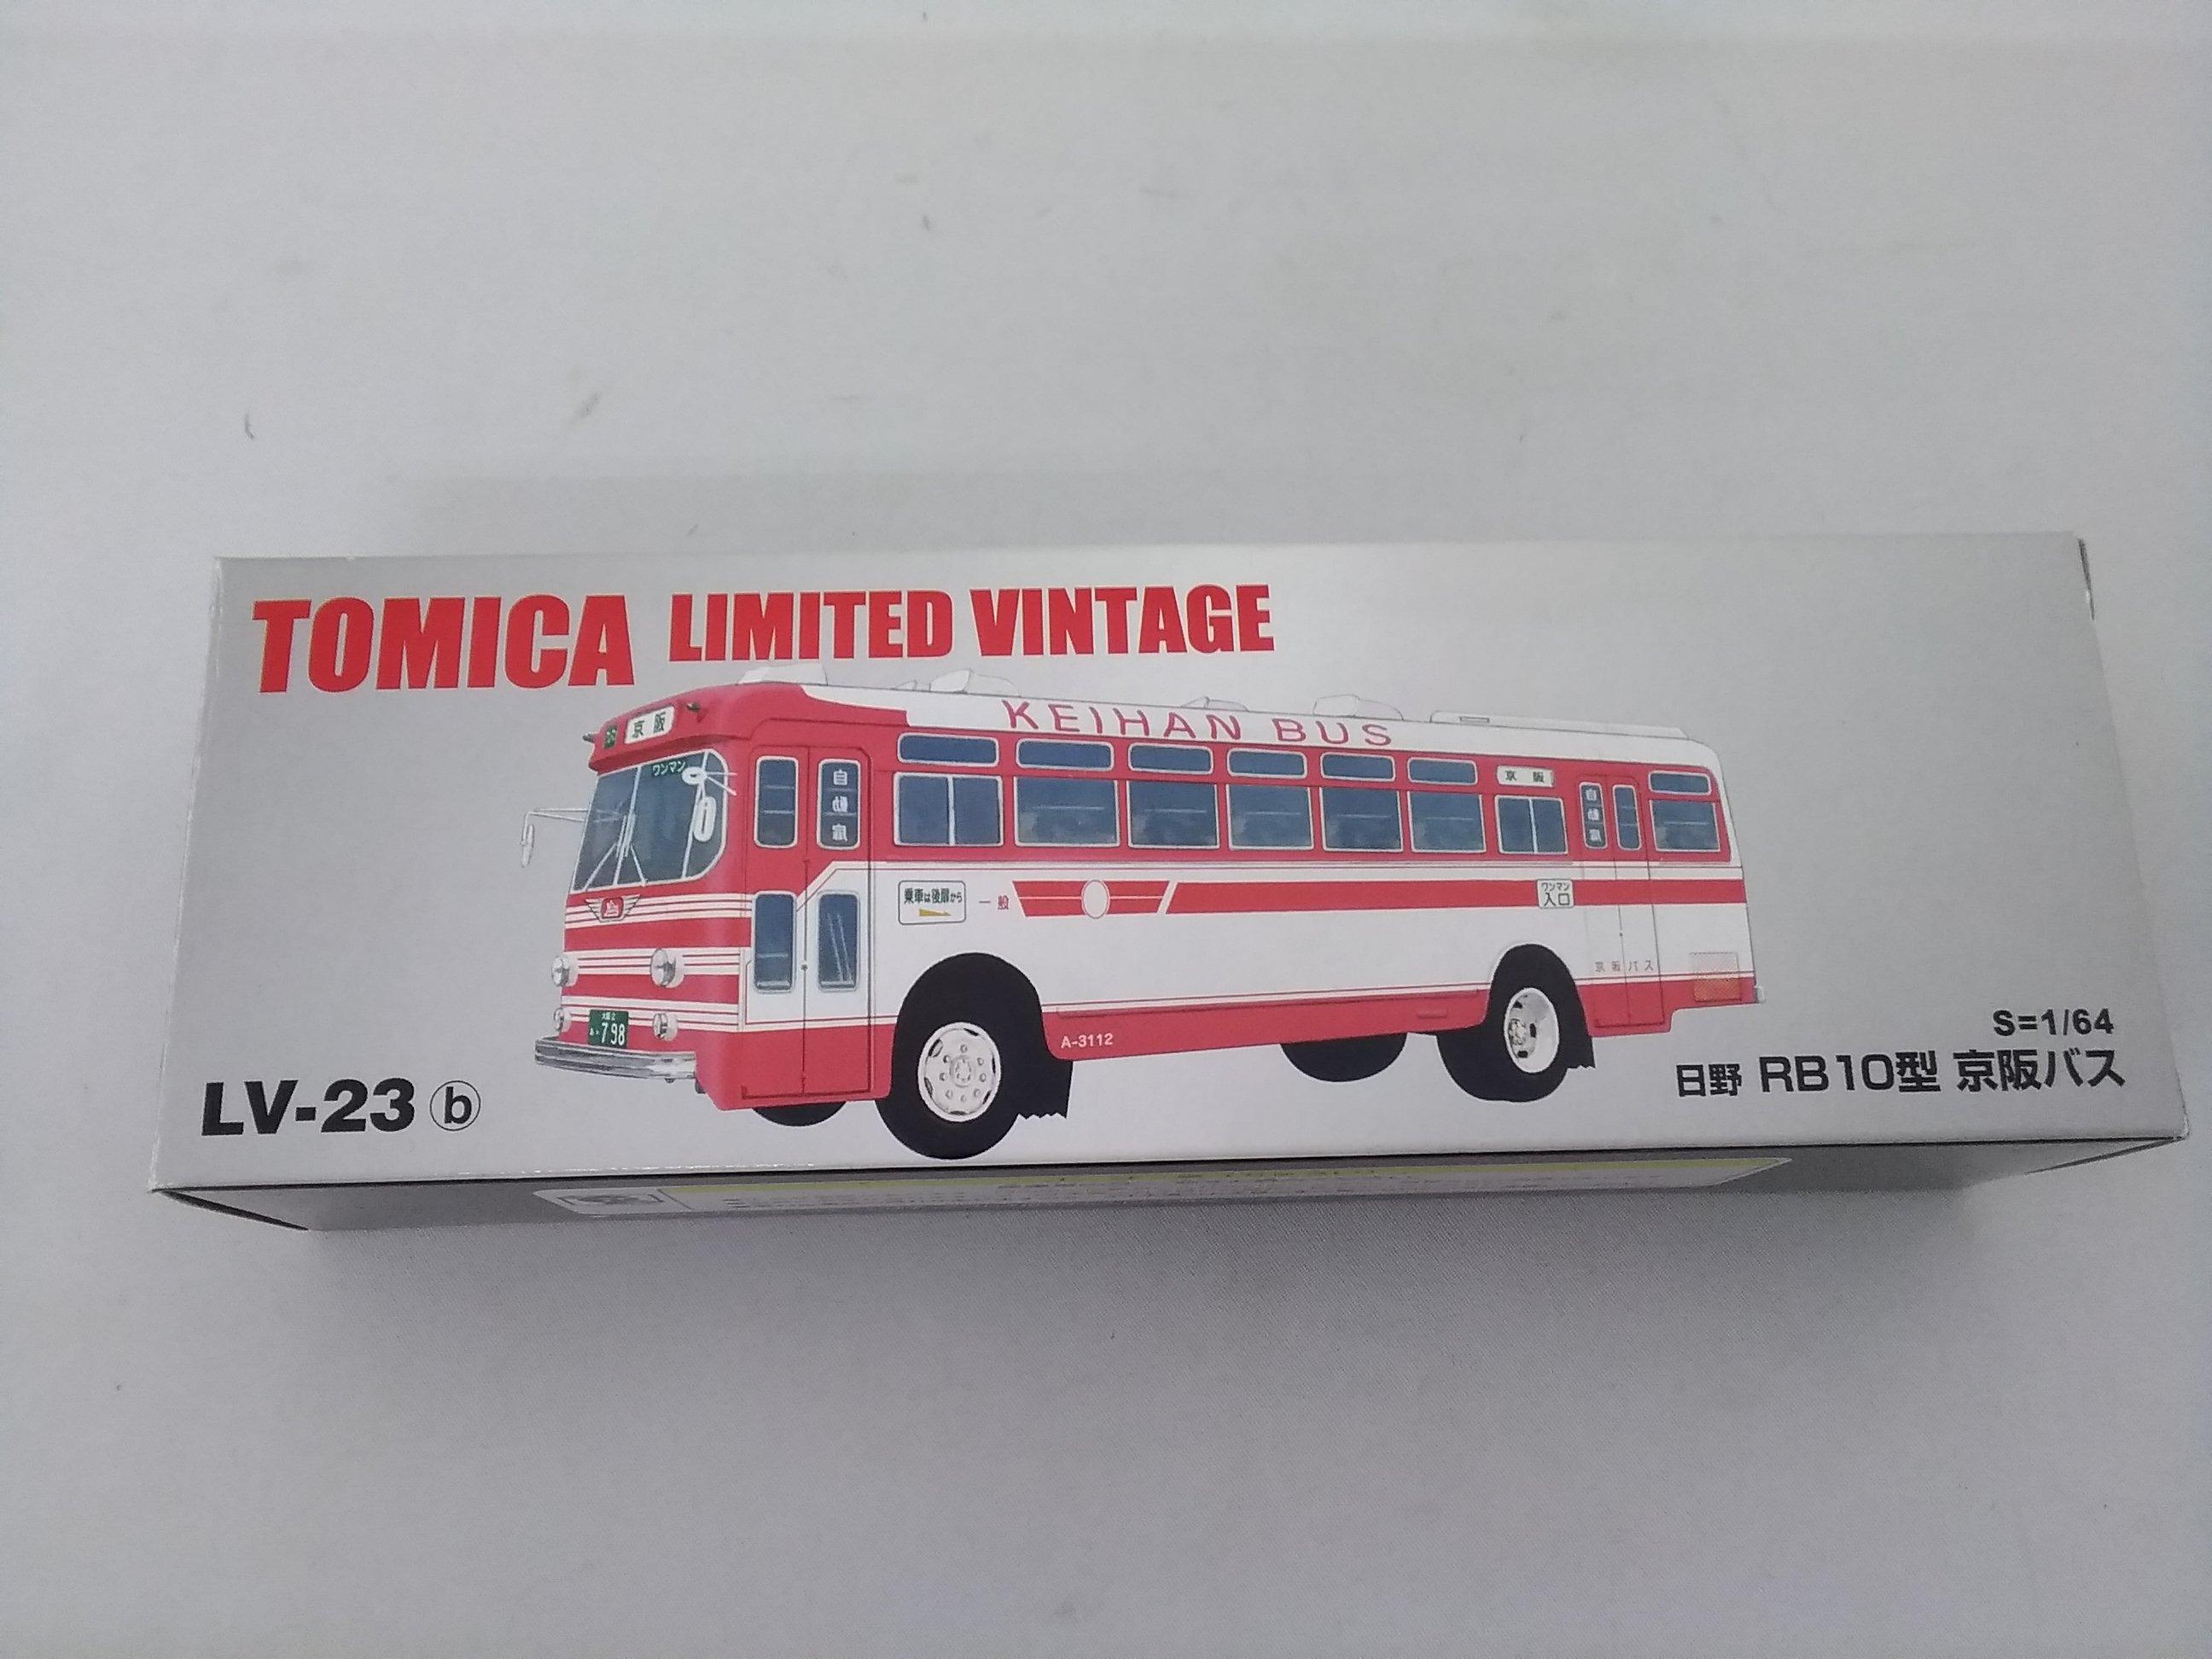 トミカリミテッドヴィンテーシ 日野RB10型 京阪バス|トミーテック